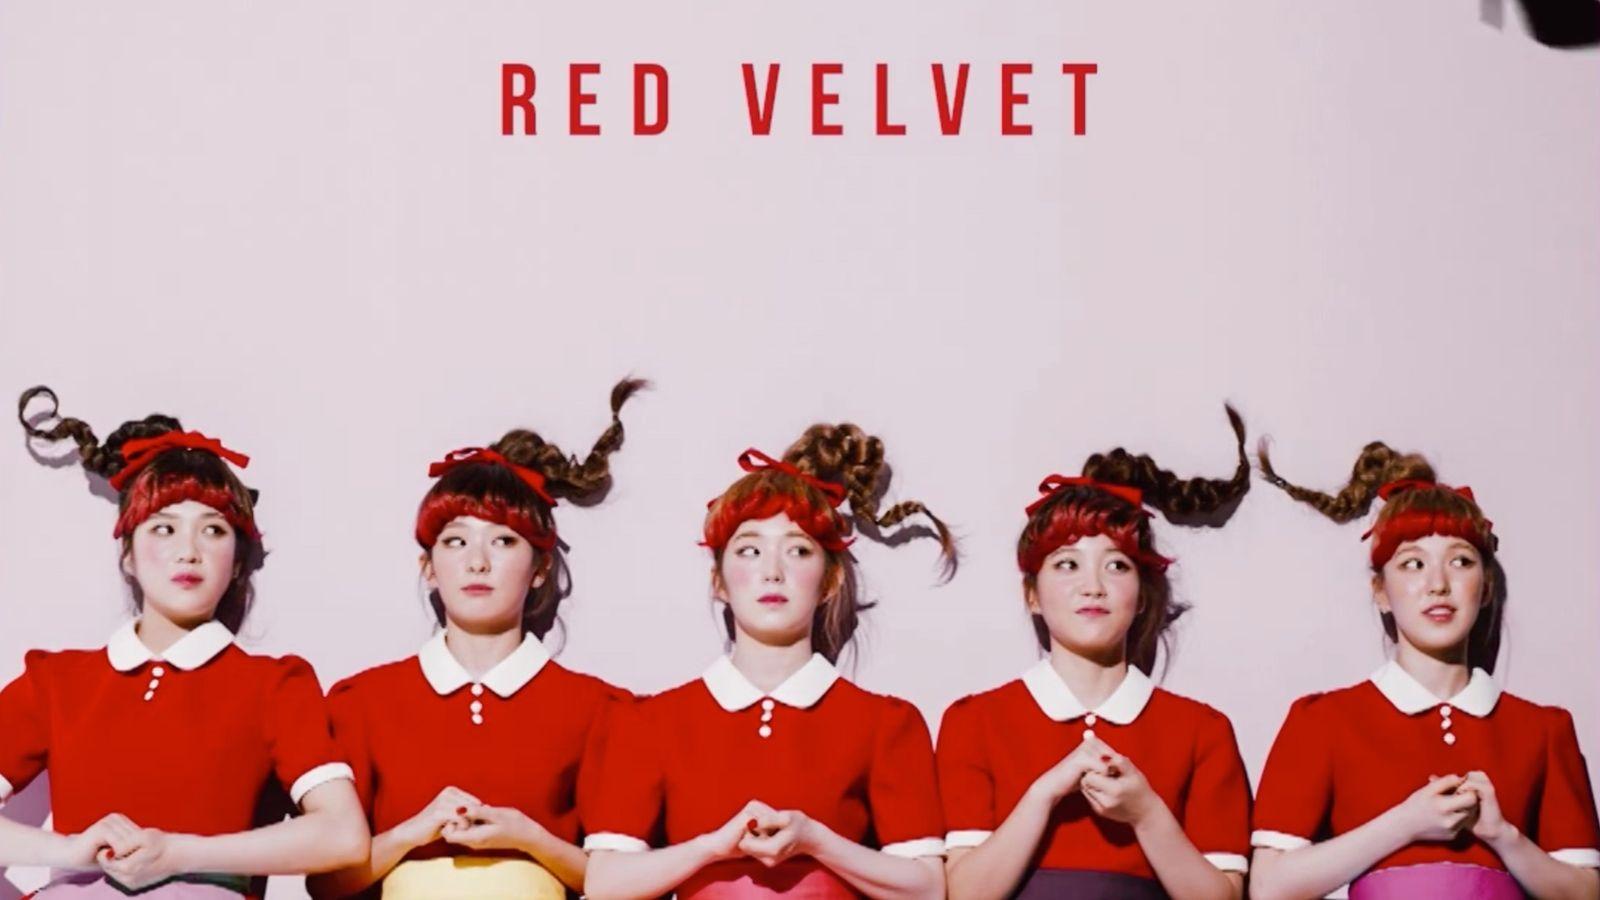 Red Velvet Reveals Member Concept Images Teaser Video 3 For Dumb Dumb Red Velvet Velvet Velvet Wallpaper